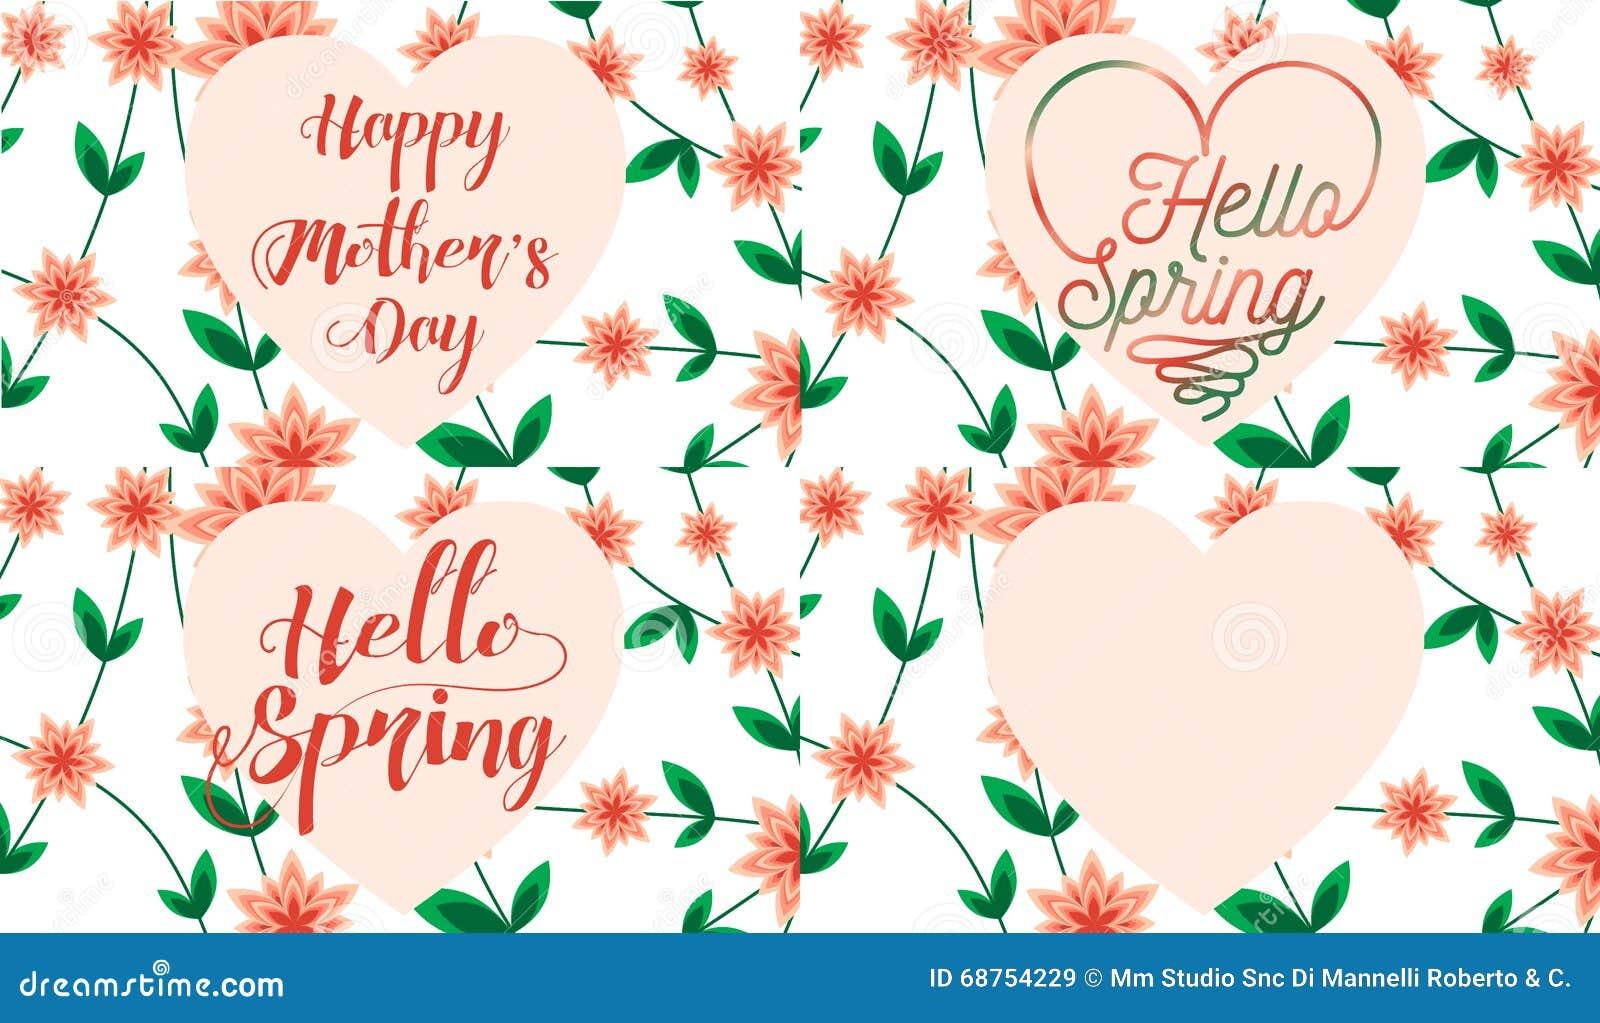 Grußkarte Für Geburtstag, Hochzeit, Heirat, Den Tag Der Mama, Den ...